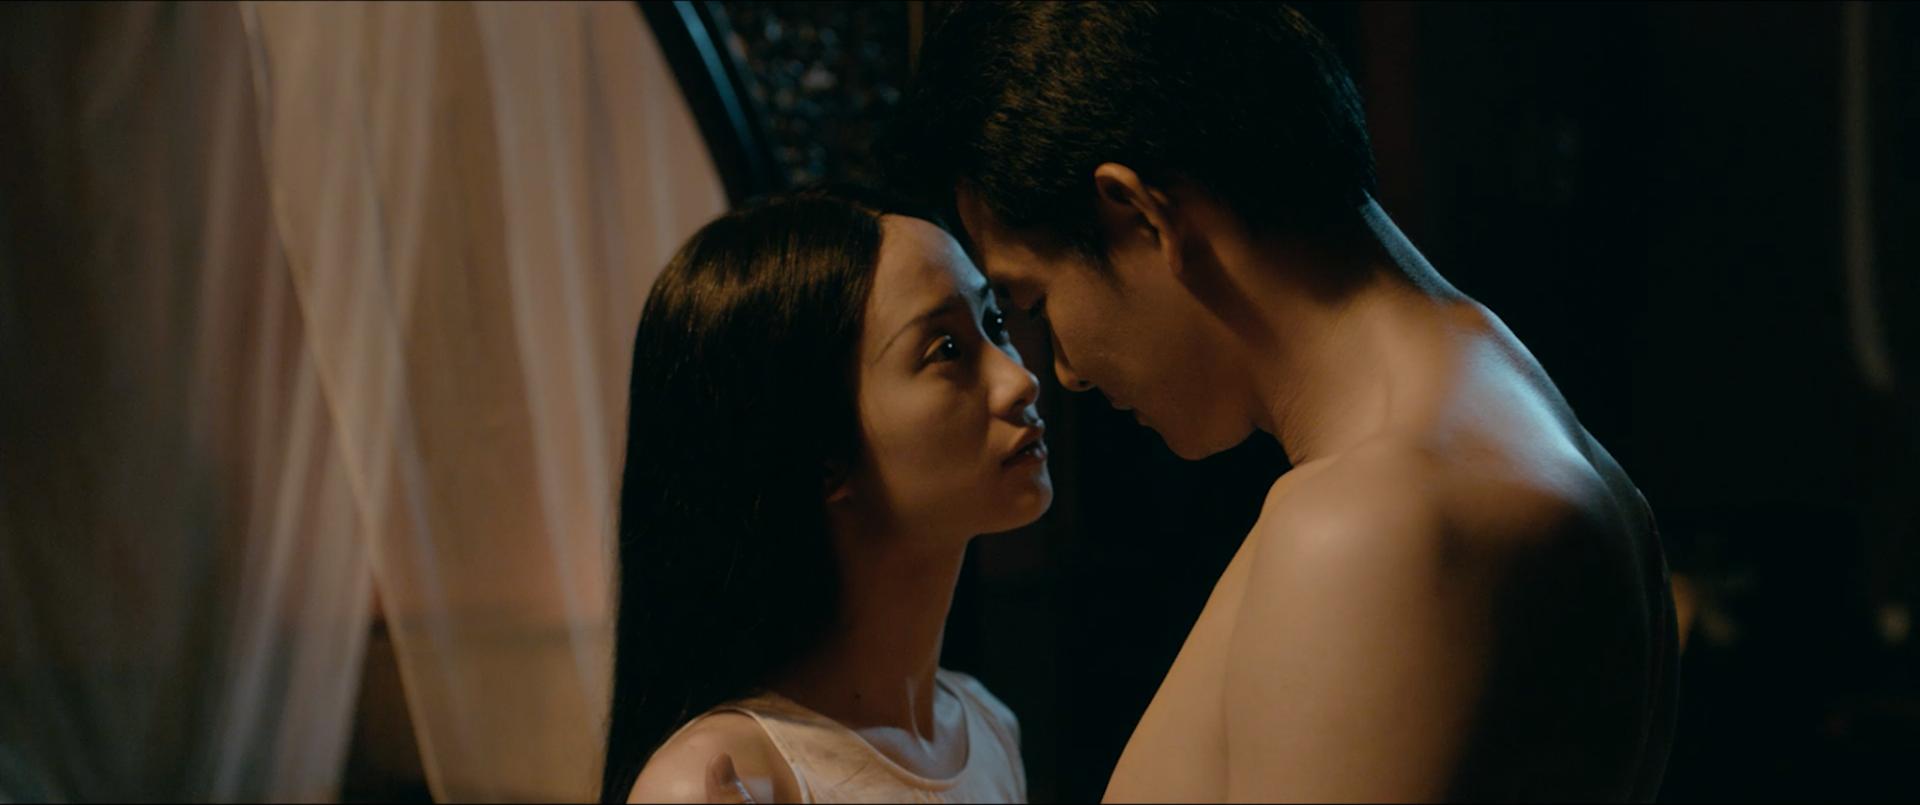 Jun Vũ và Quách Ngọc Ngoan cùng những cảnh quay nóng bỏng trong